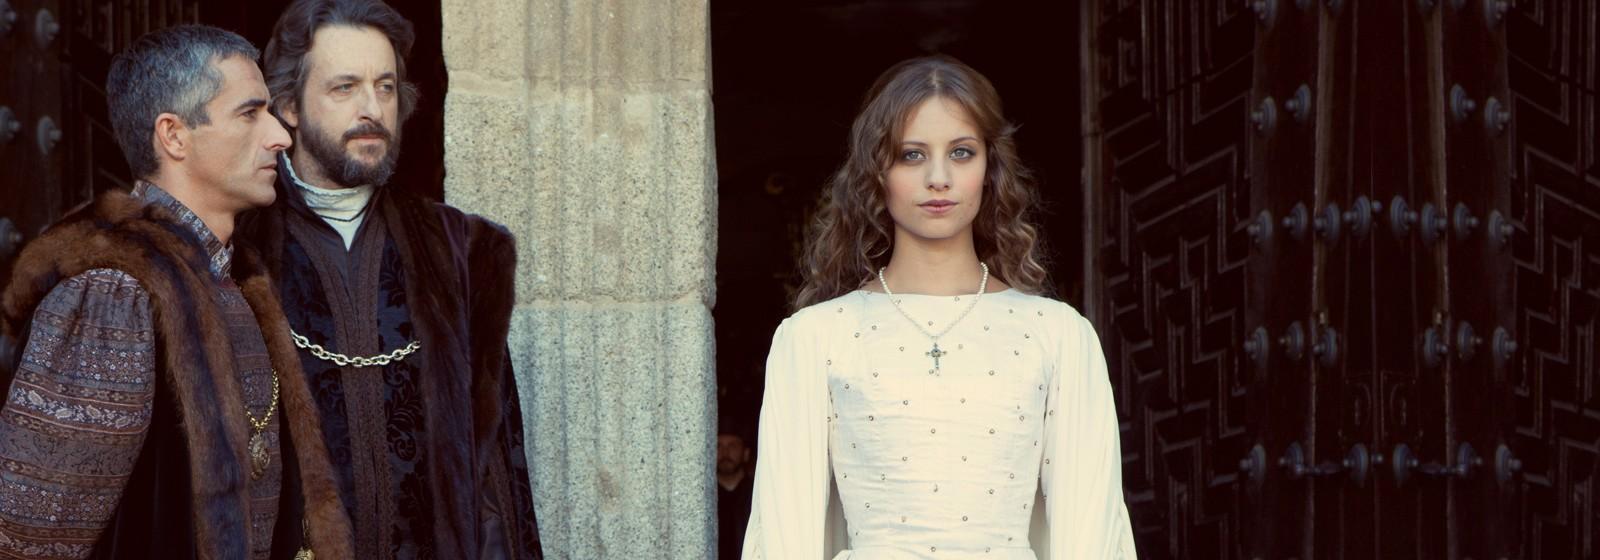 Isabel, a Rainha de Castela